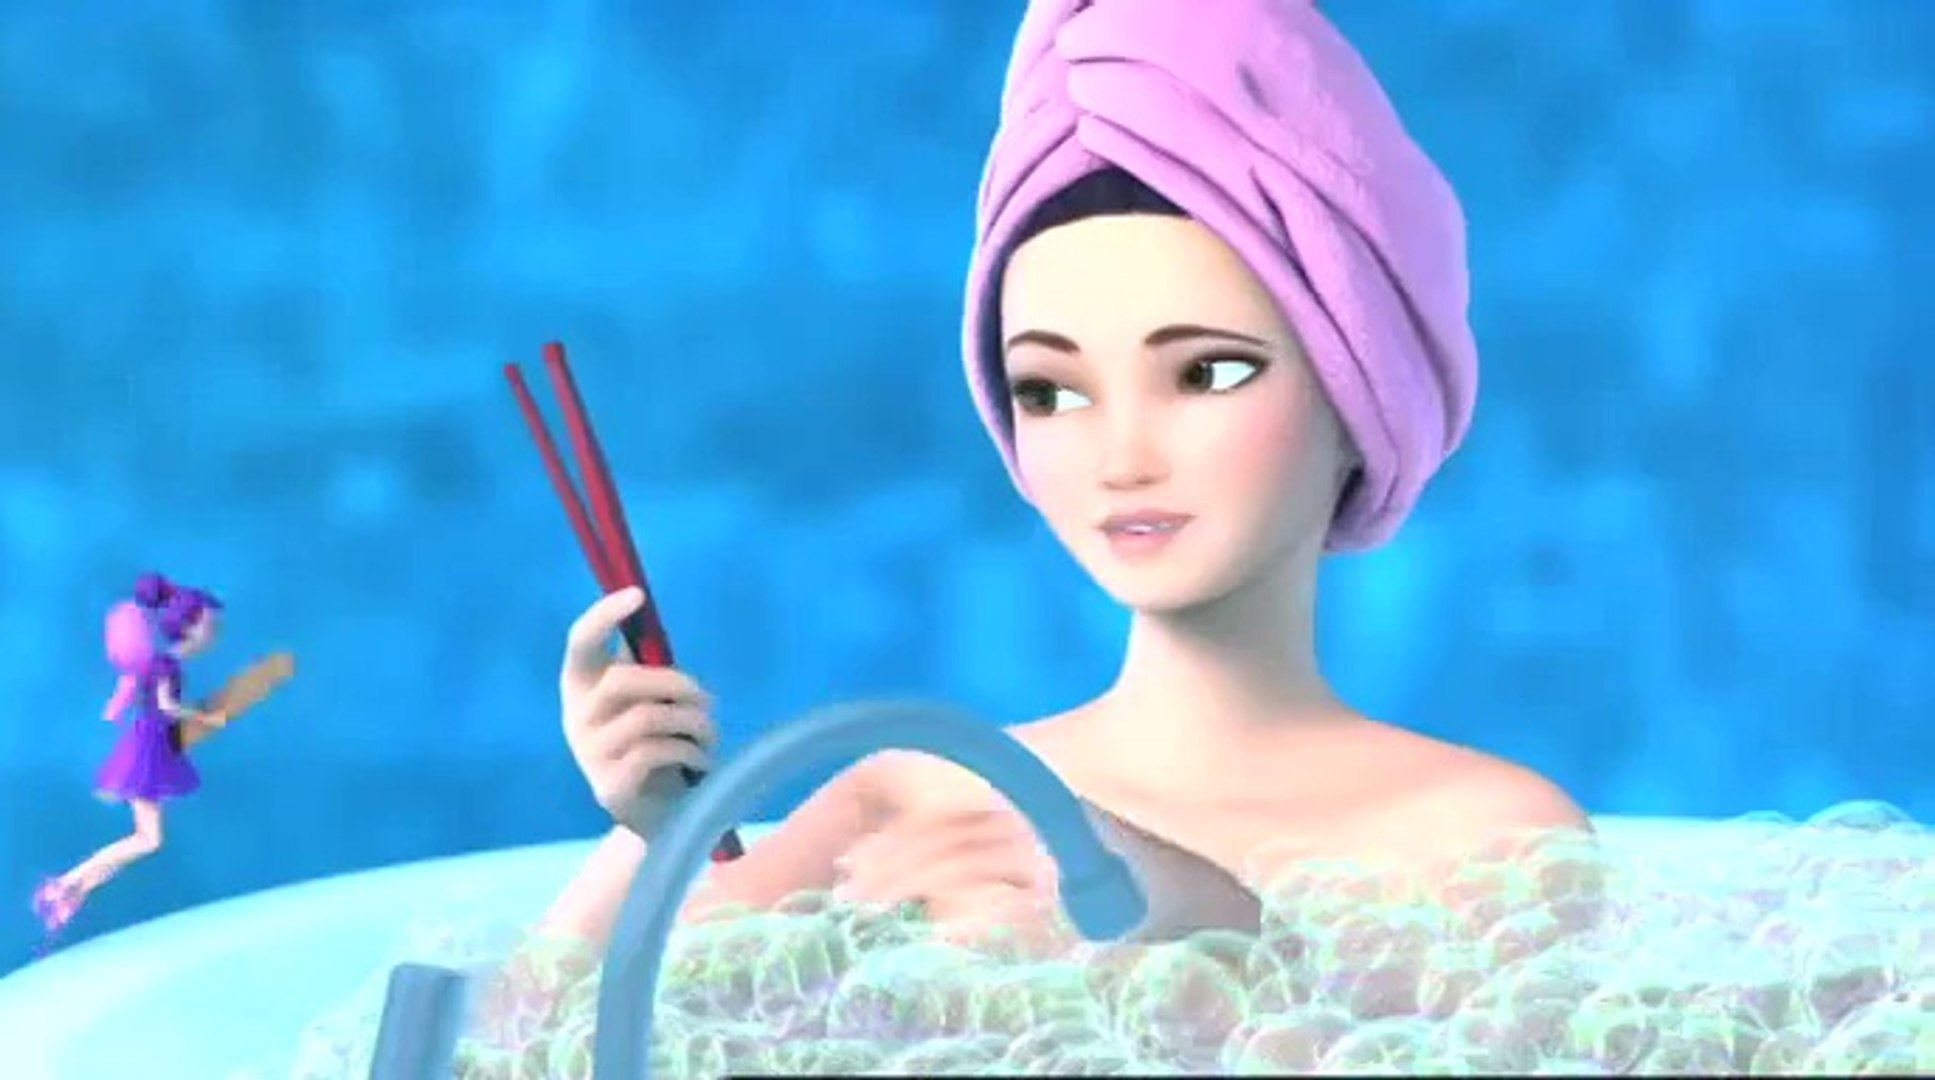 باربي في مدرسة الأميرات كرتون بالعربية Barbie